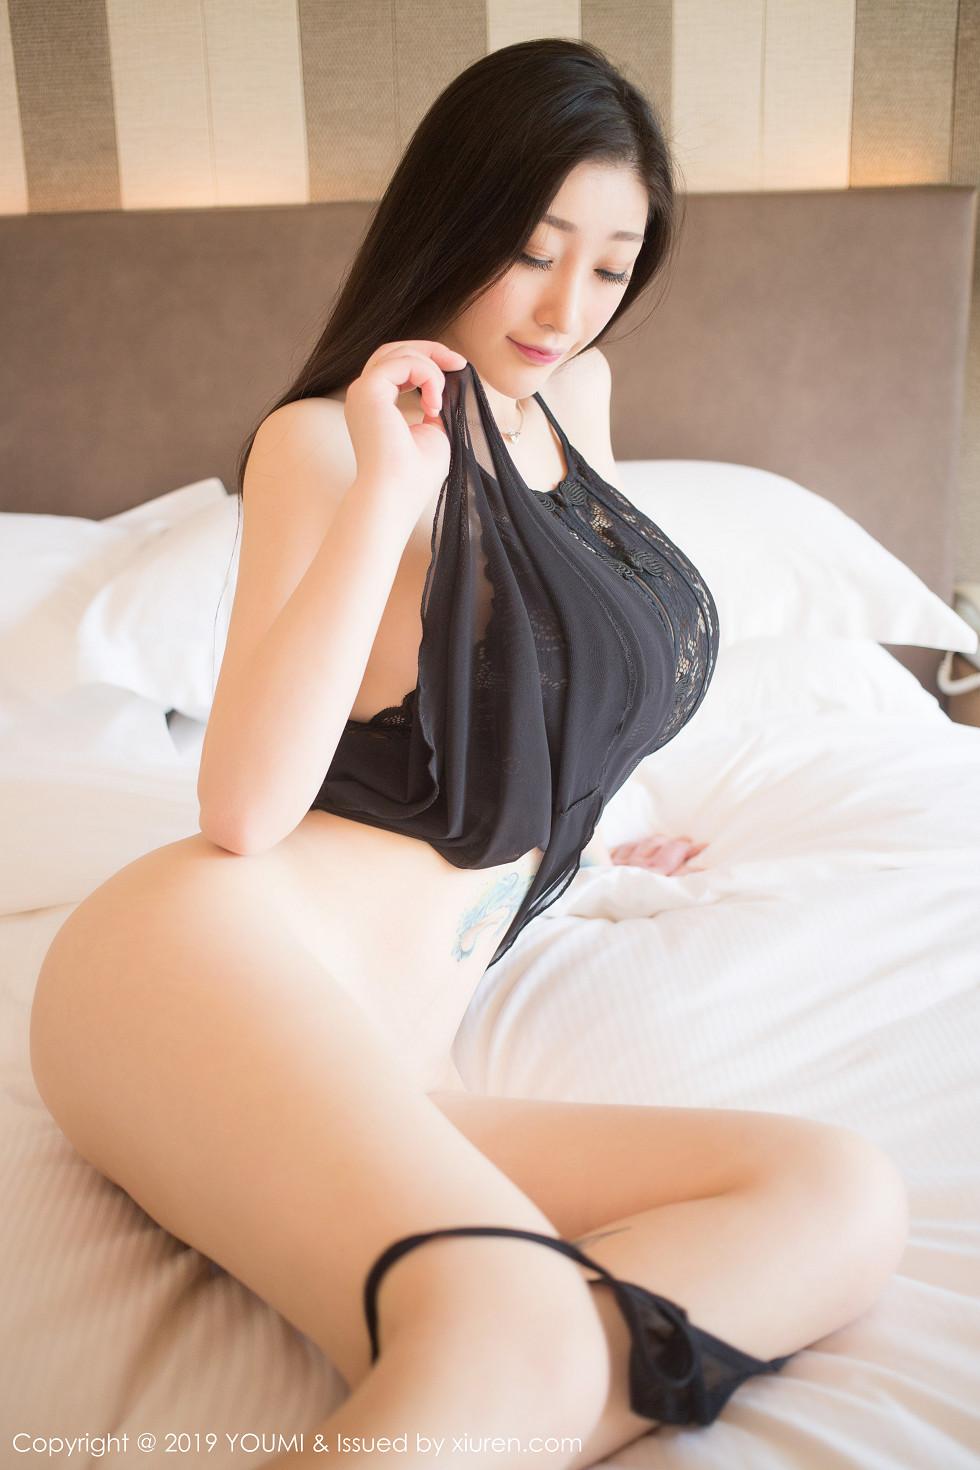 女神妲己_Toxic私房內衣系列秀完美身材豪乳翹臀極致誘惑寫真 - 貼圖 - 清涼寫真 -